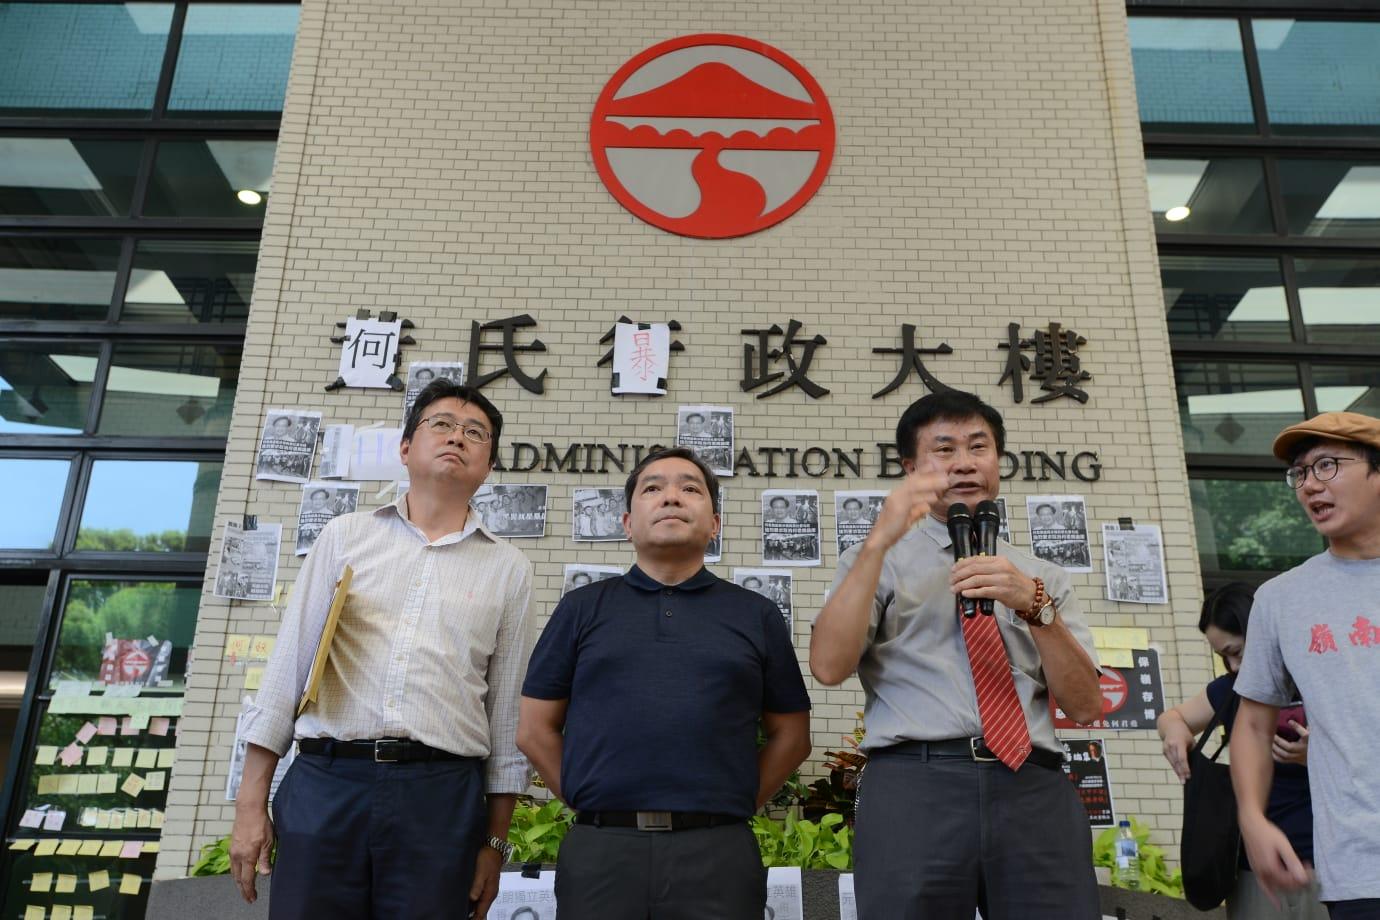 鄭國漢下午1時許現身行政大樓外,並親自接收公開信。